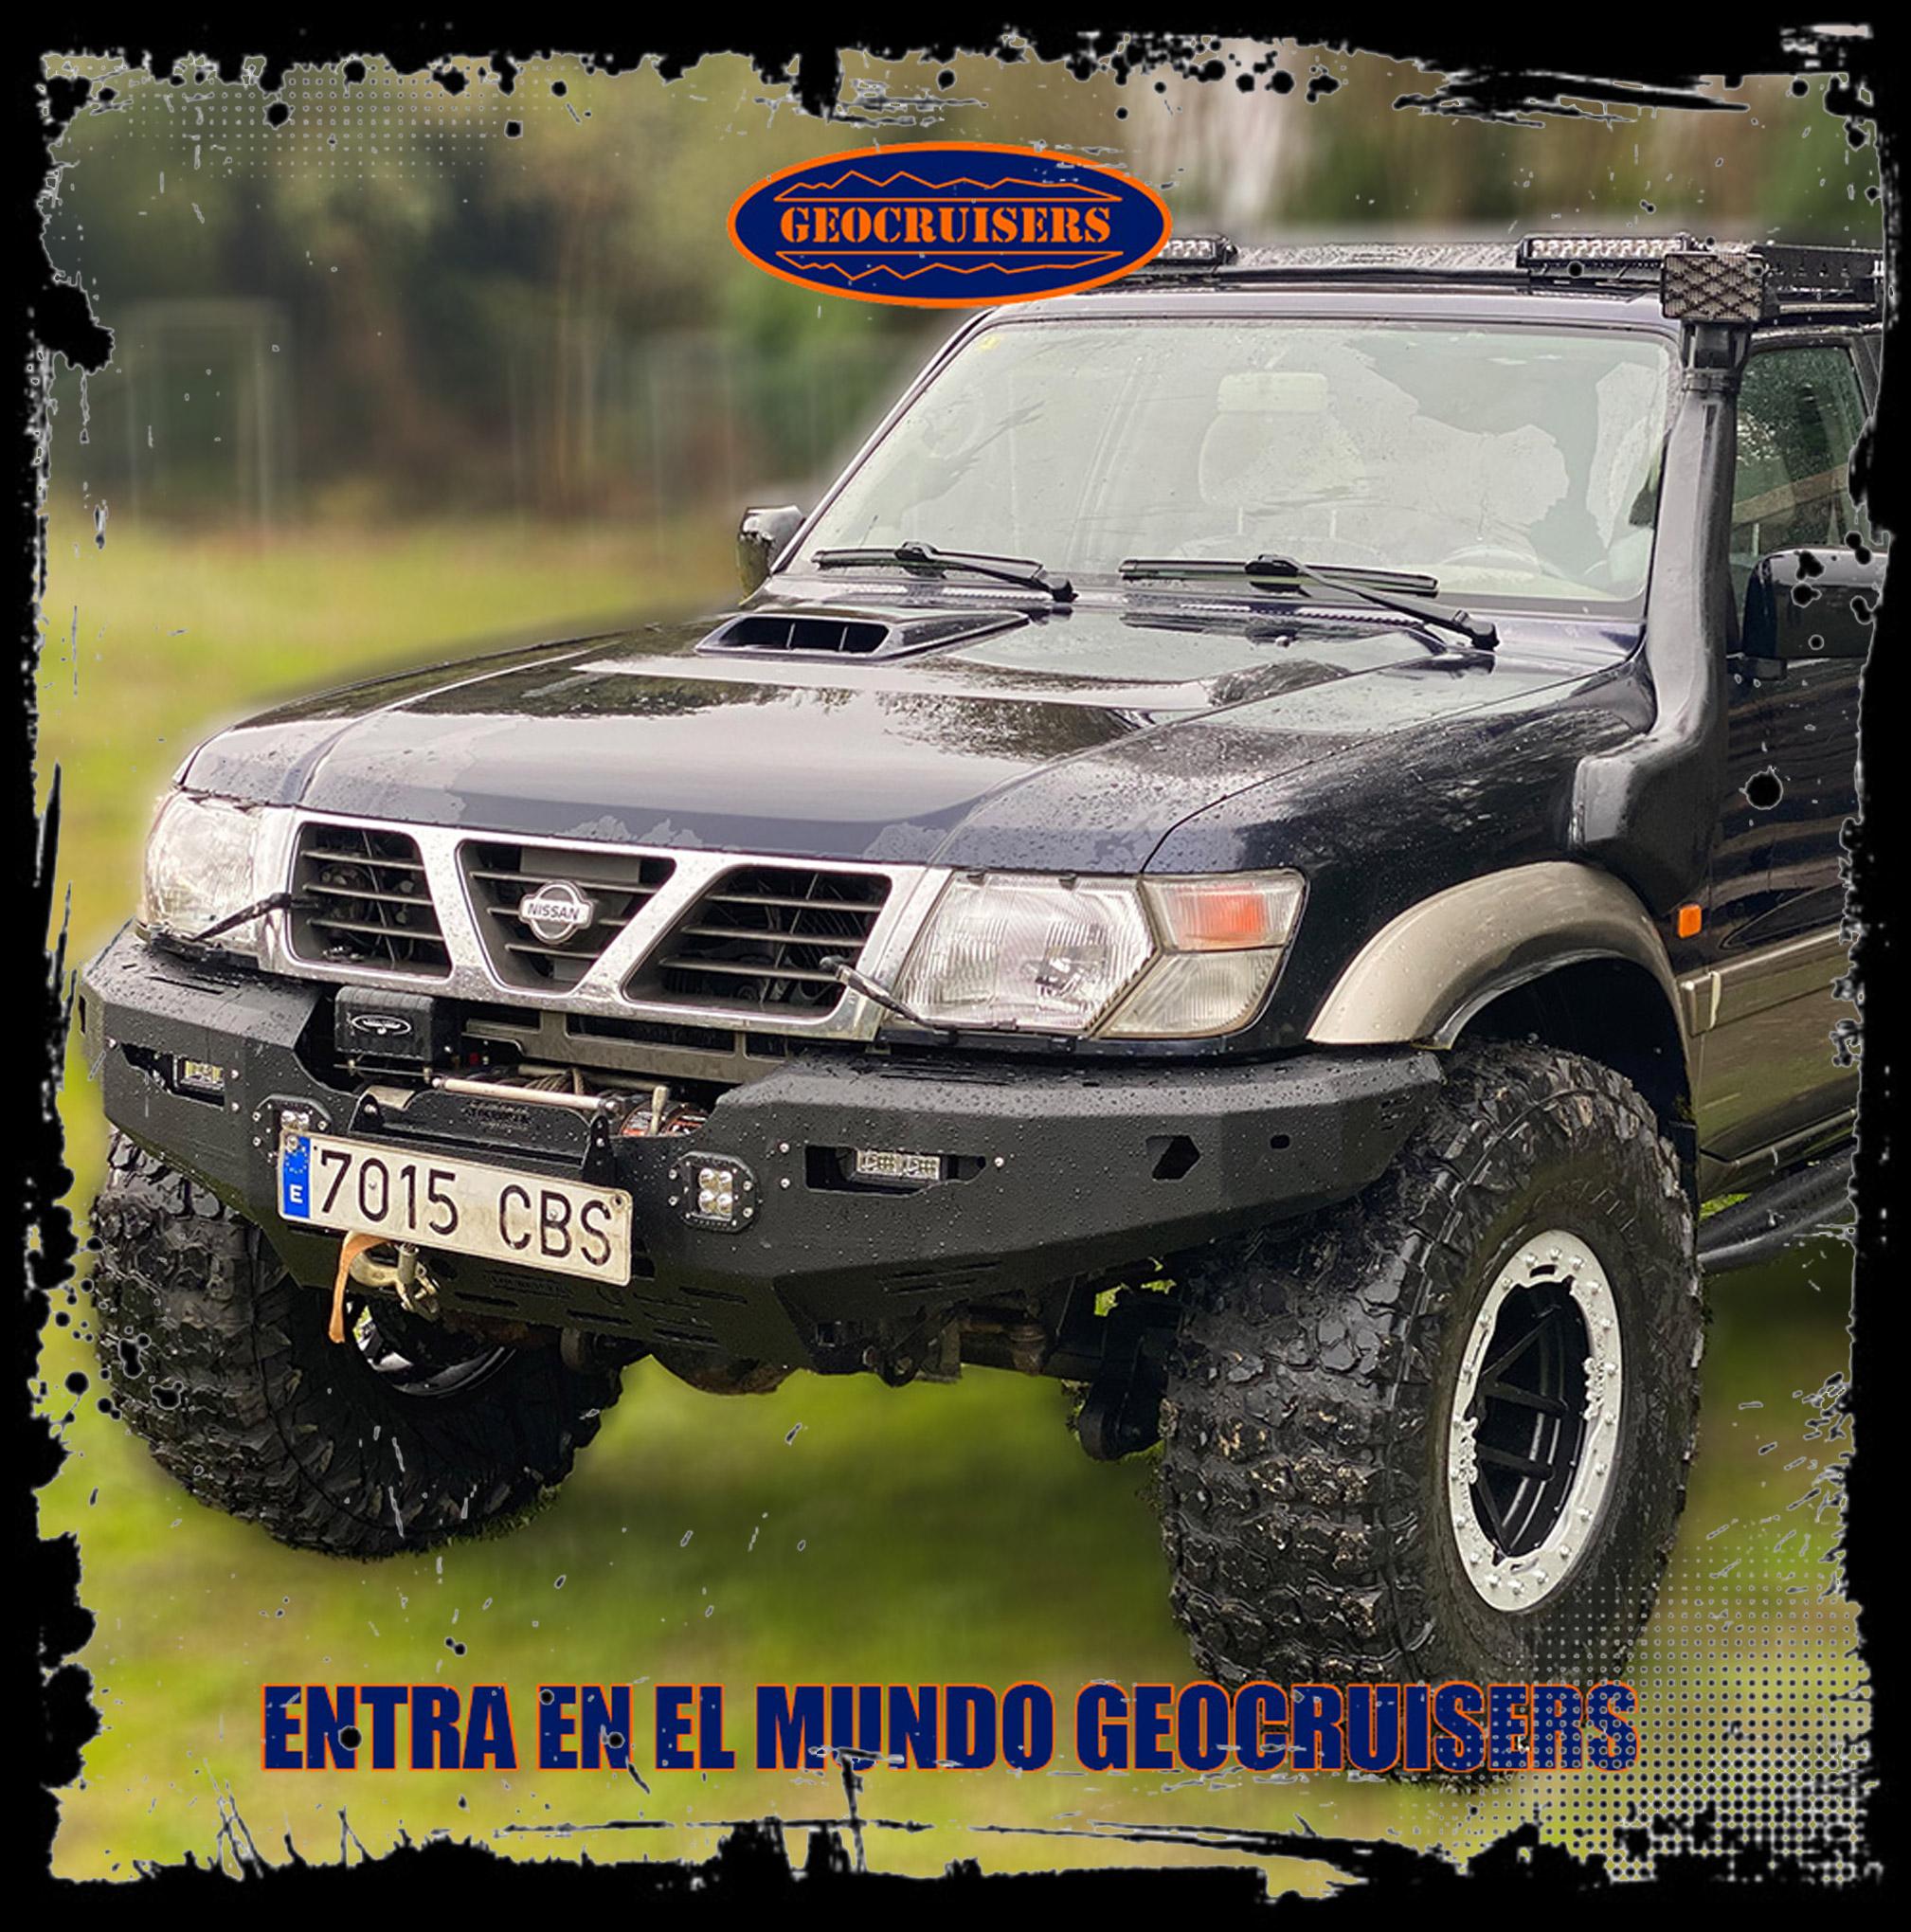 Defensas para Nissan Patrol GR Y61 (- 2005)